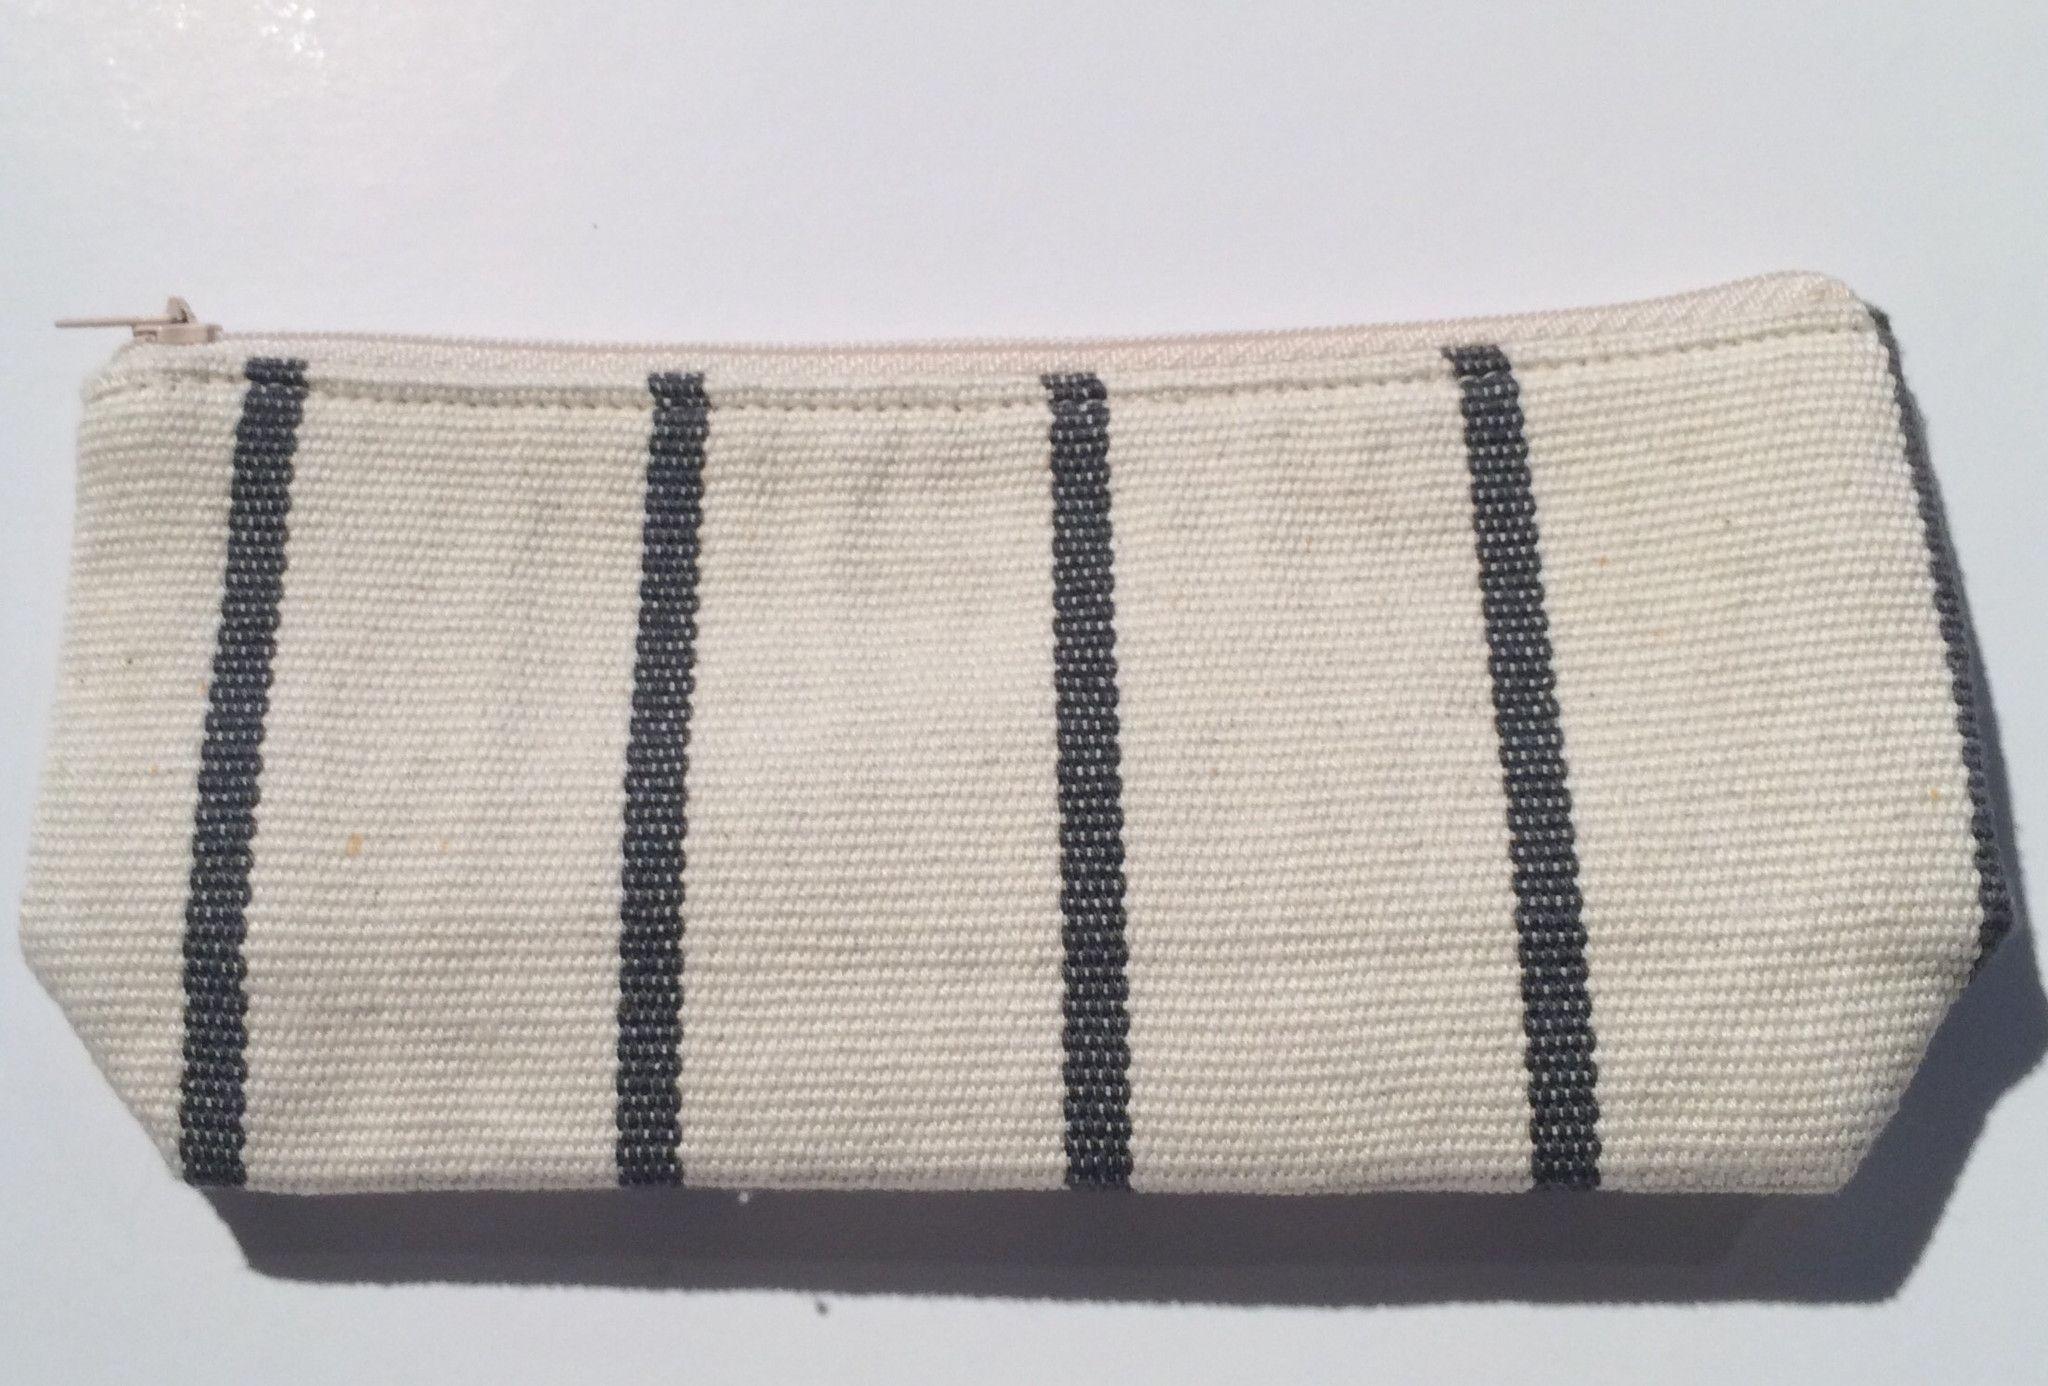 Natural Dye Cotton Striped Pencil Pouch